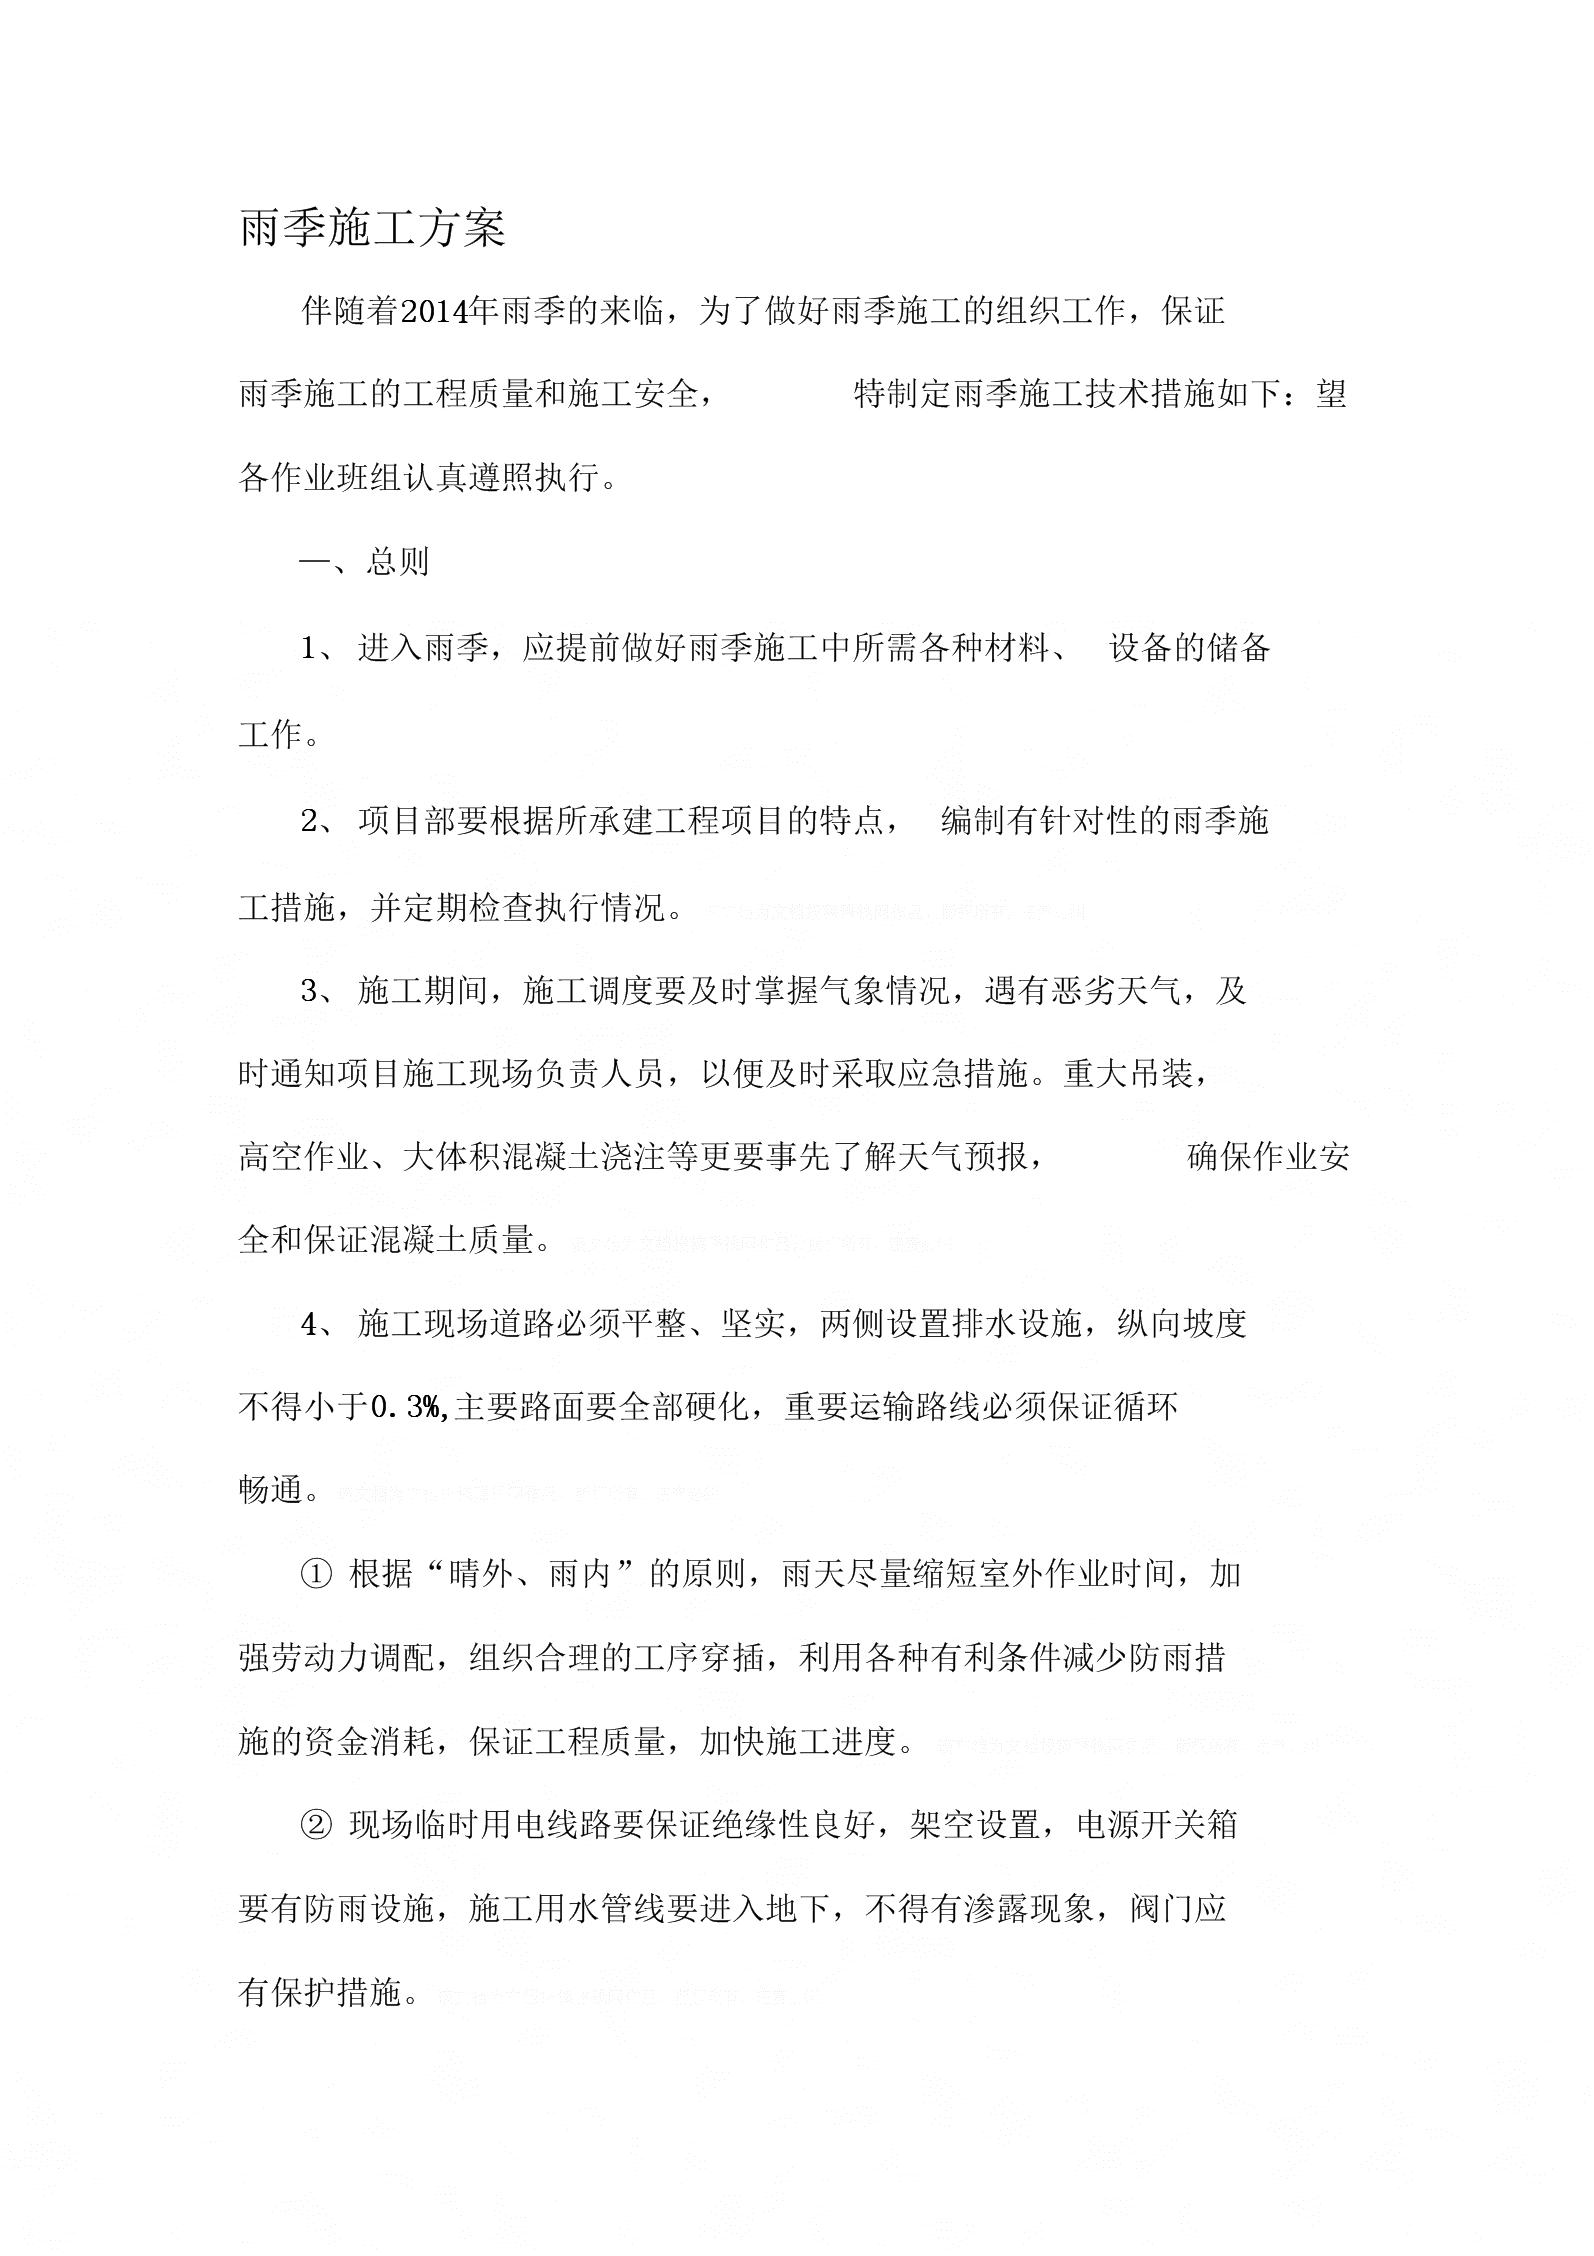 天津雨季施工专项方案.docx